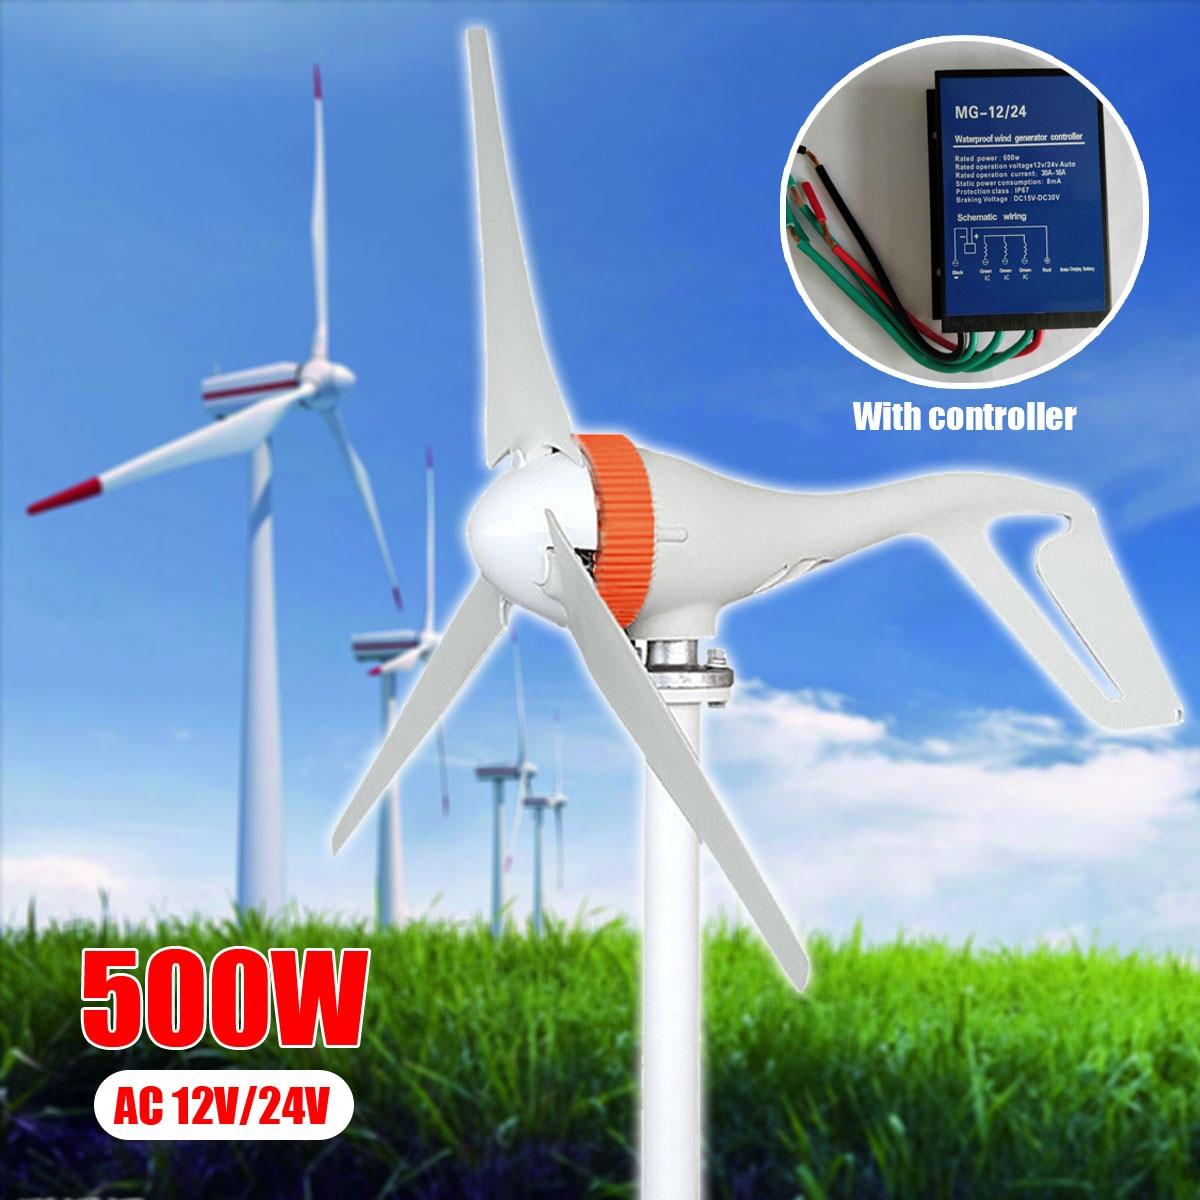 AC 12 v/24 v 500 w Miniature Vent Turbines Générateur Mini Vent Turbines Avec Contrôleur 3 Lames Vent générateur pour un Usage Domestique